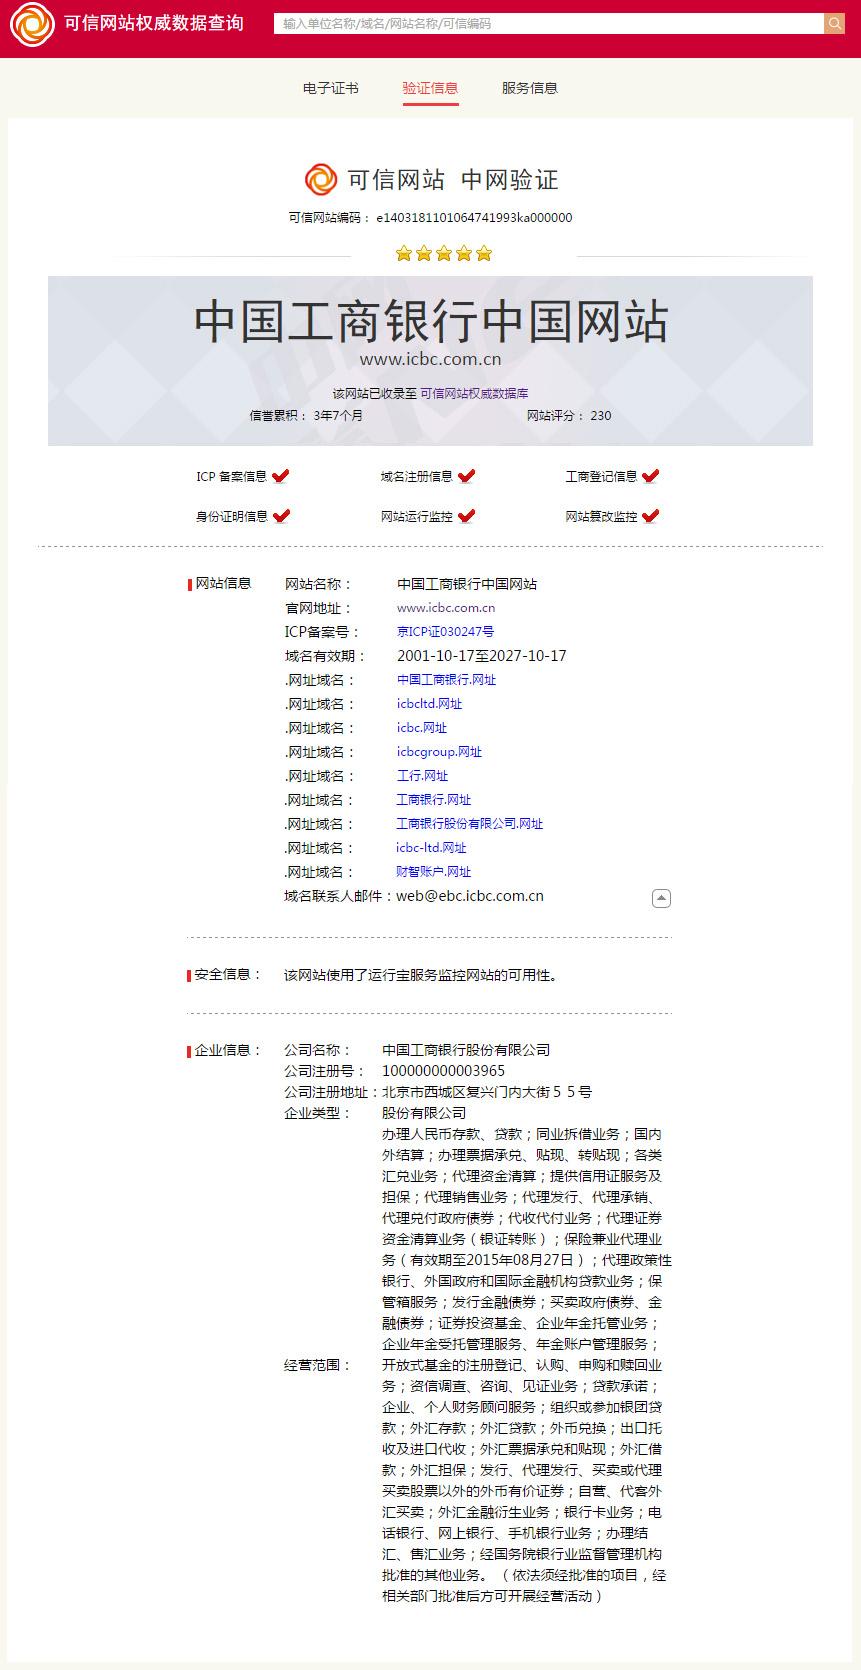 可信网站-信用档案-展示效果